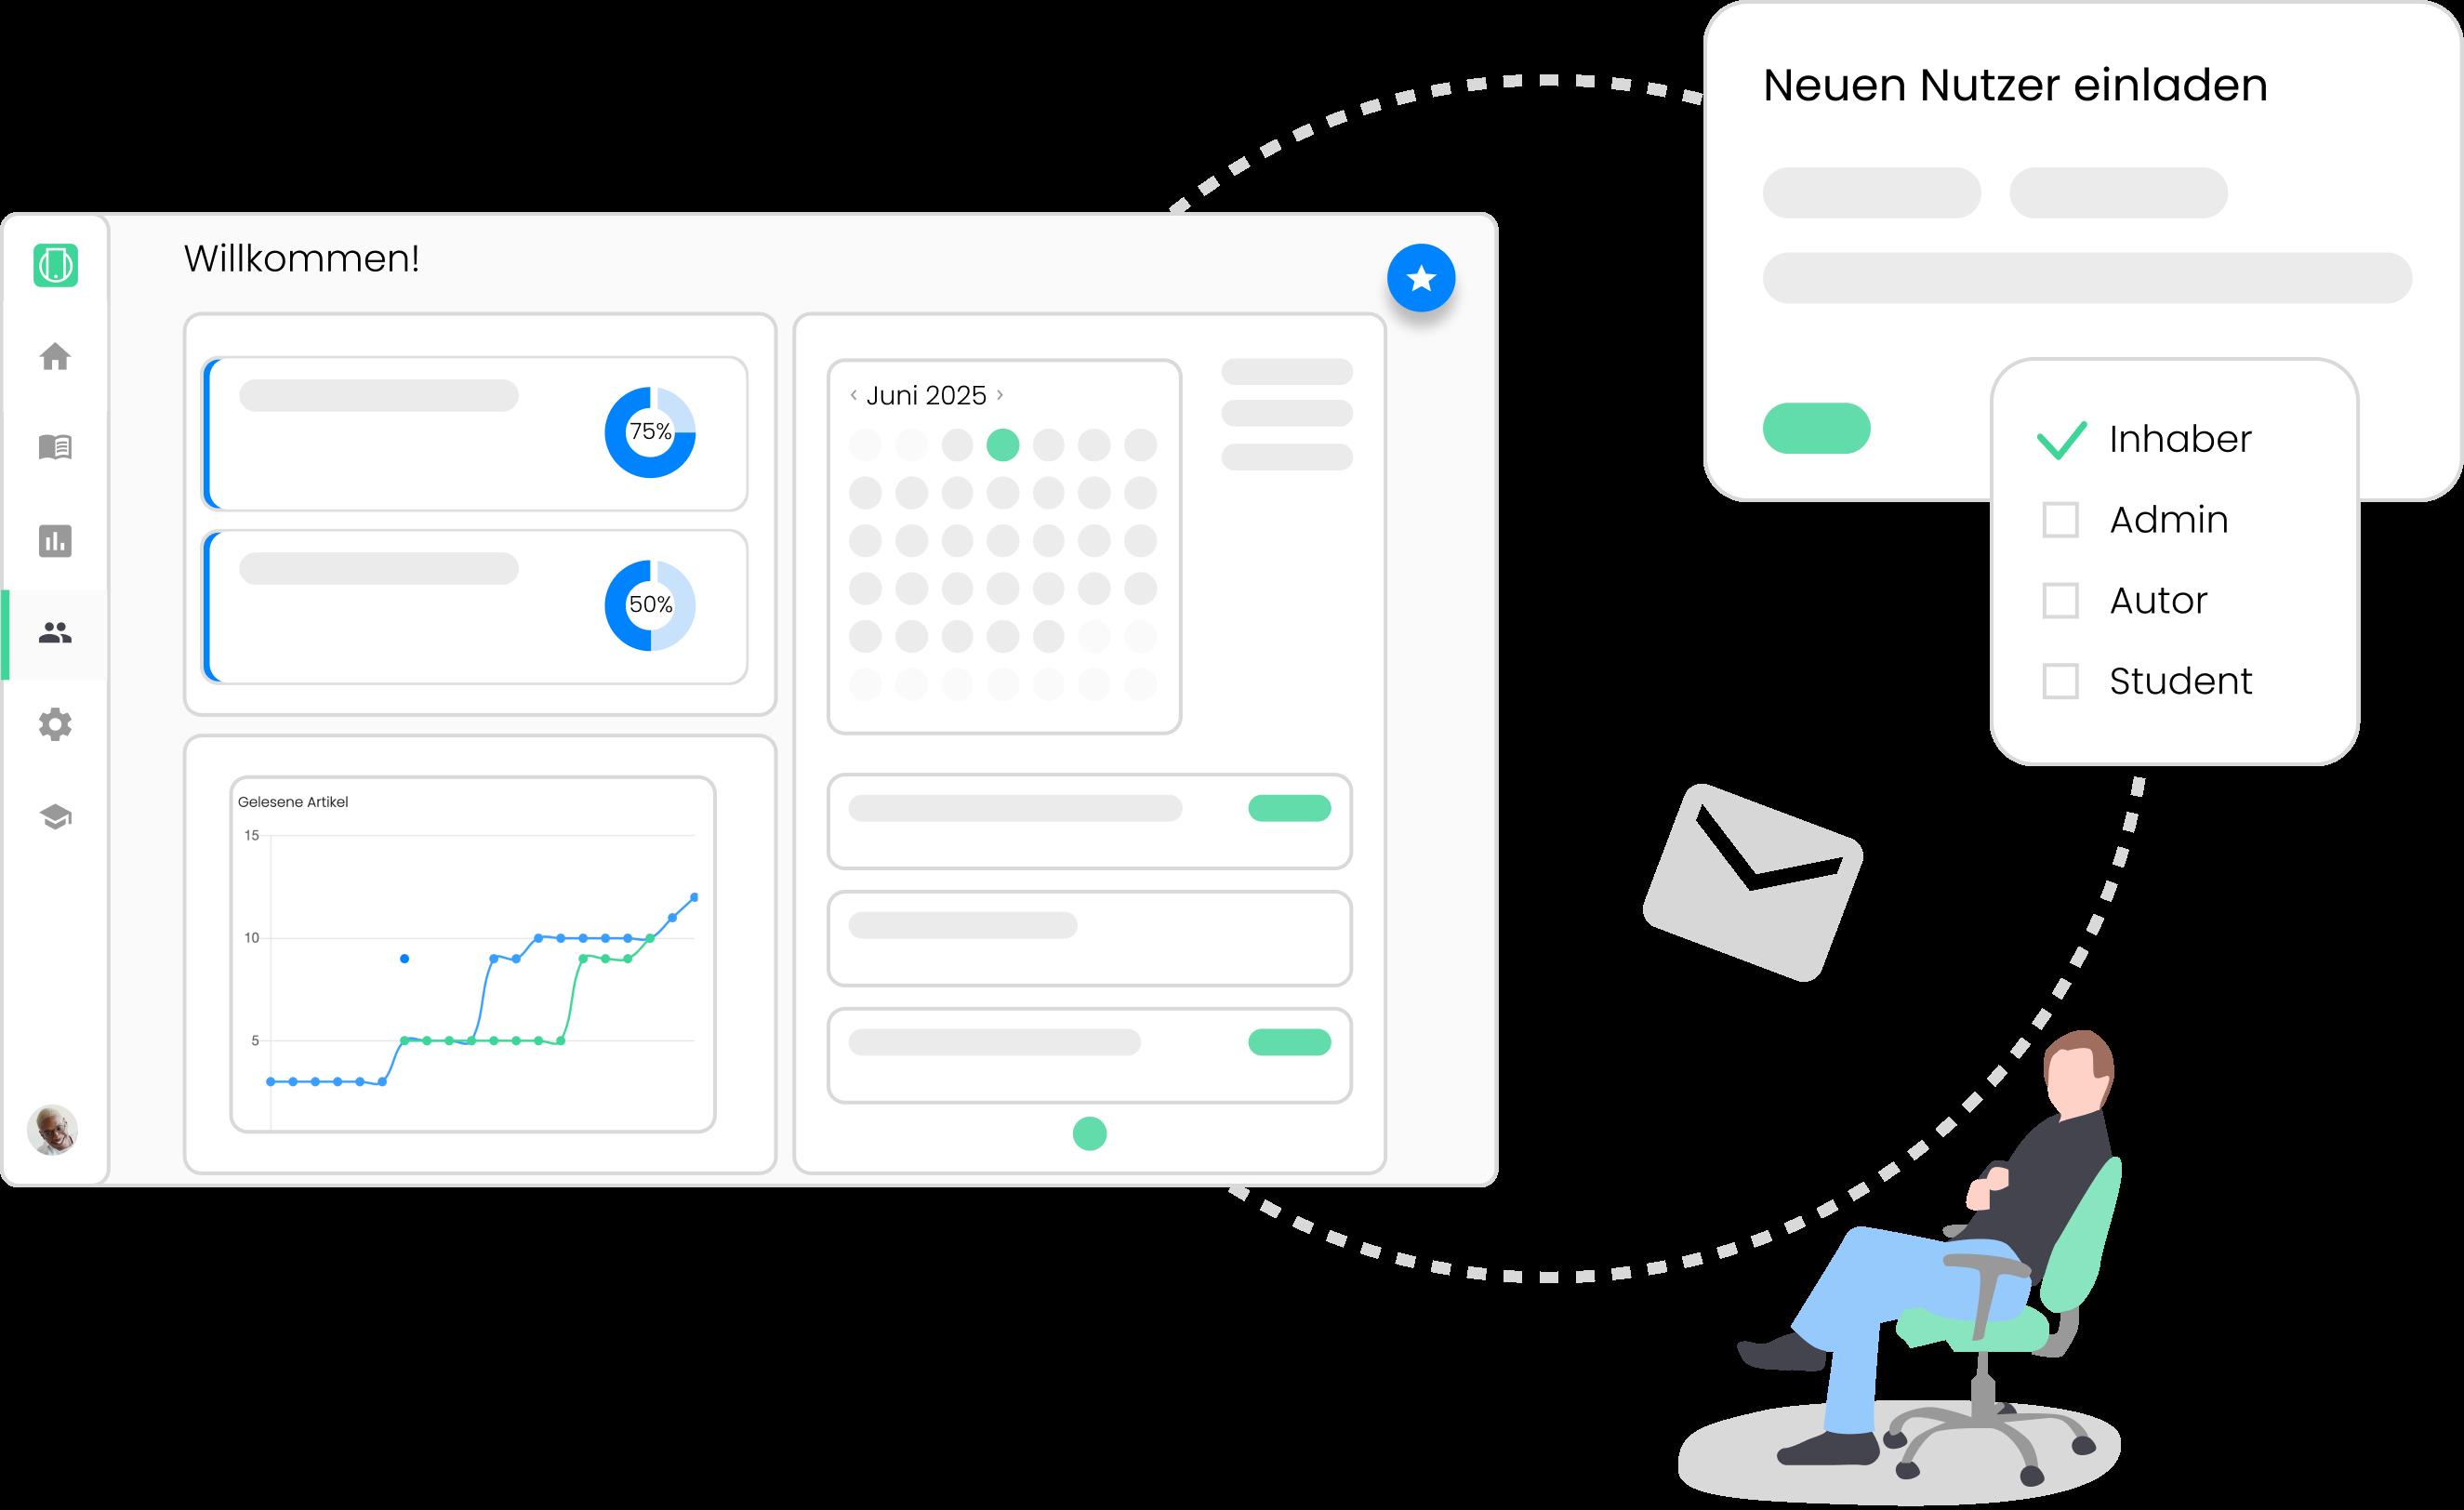 Dashboard des Learning Management Systems für Inhaber